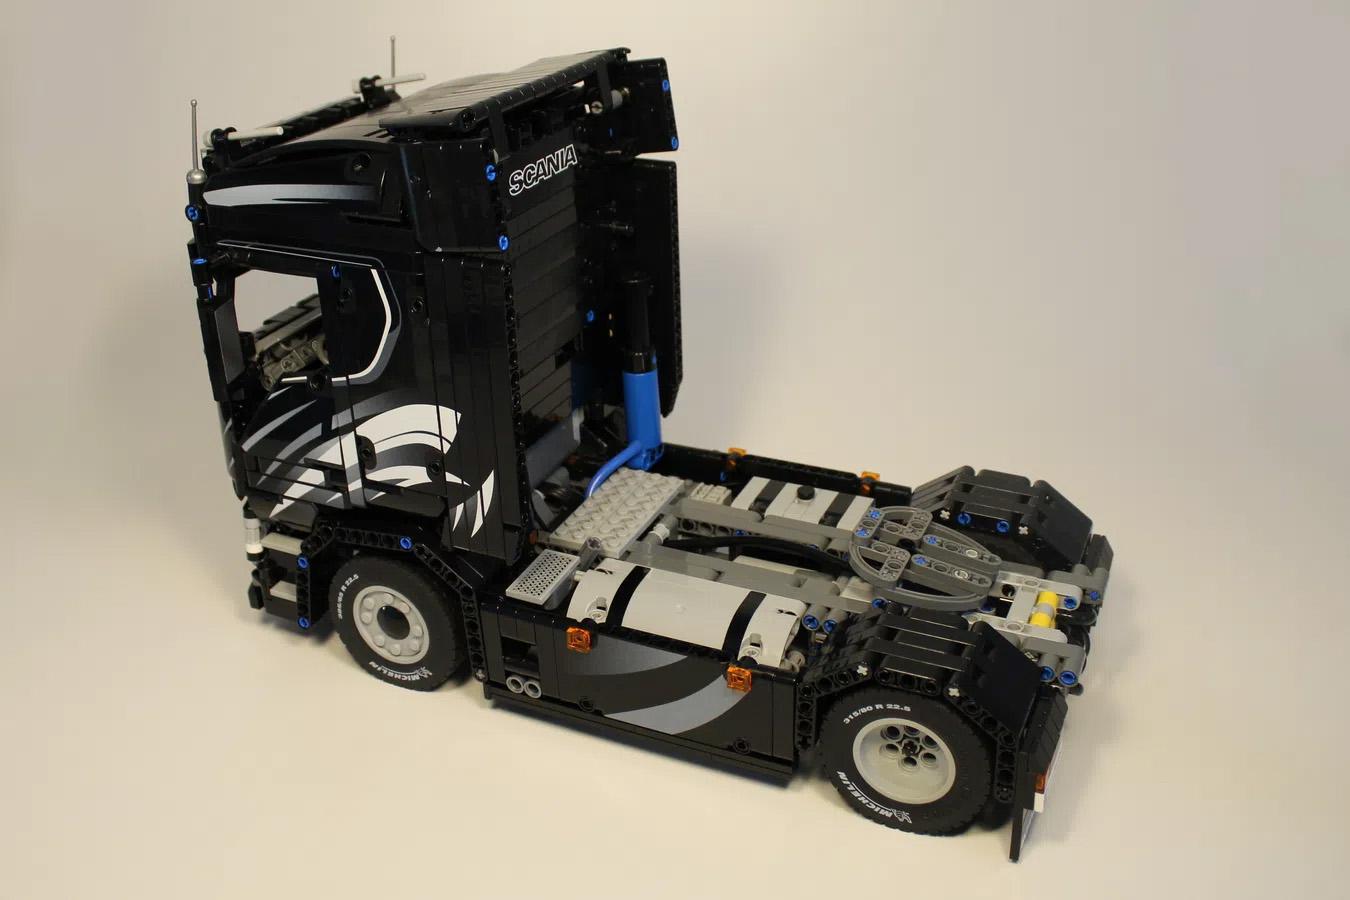 レゴアイデアで『スカニア S730』が製品化レビュー進出!2021年第1回1万サポート獲得デザイン紹介